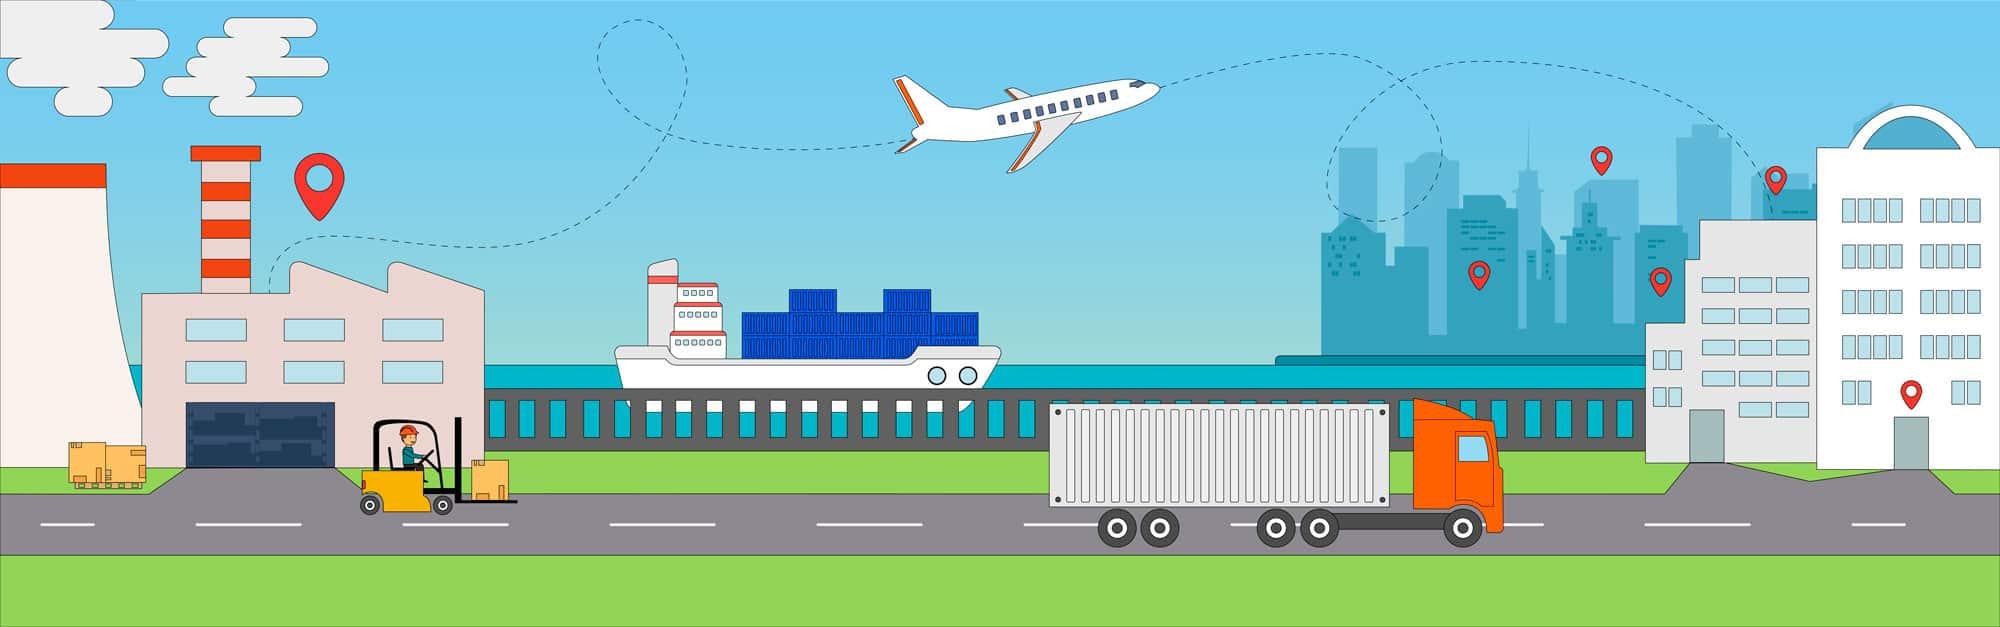 china-freight-forwarder-image